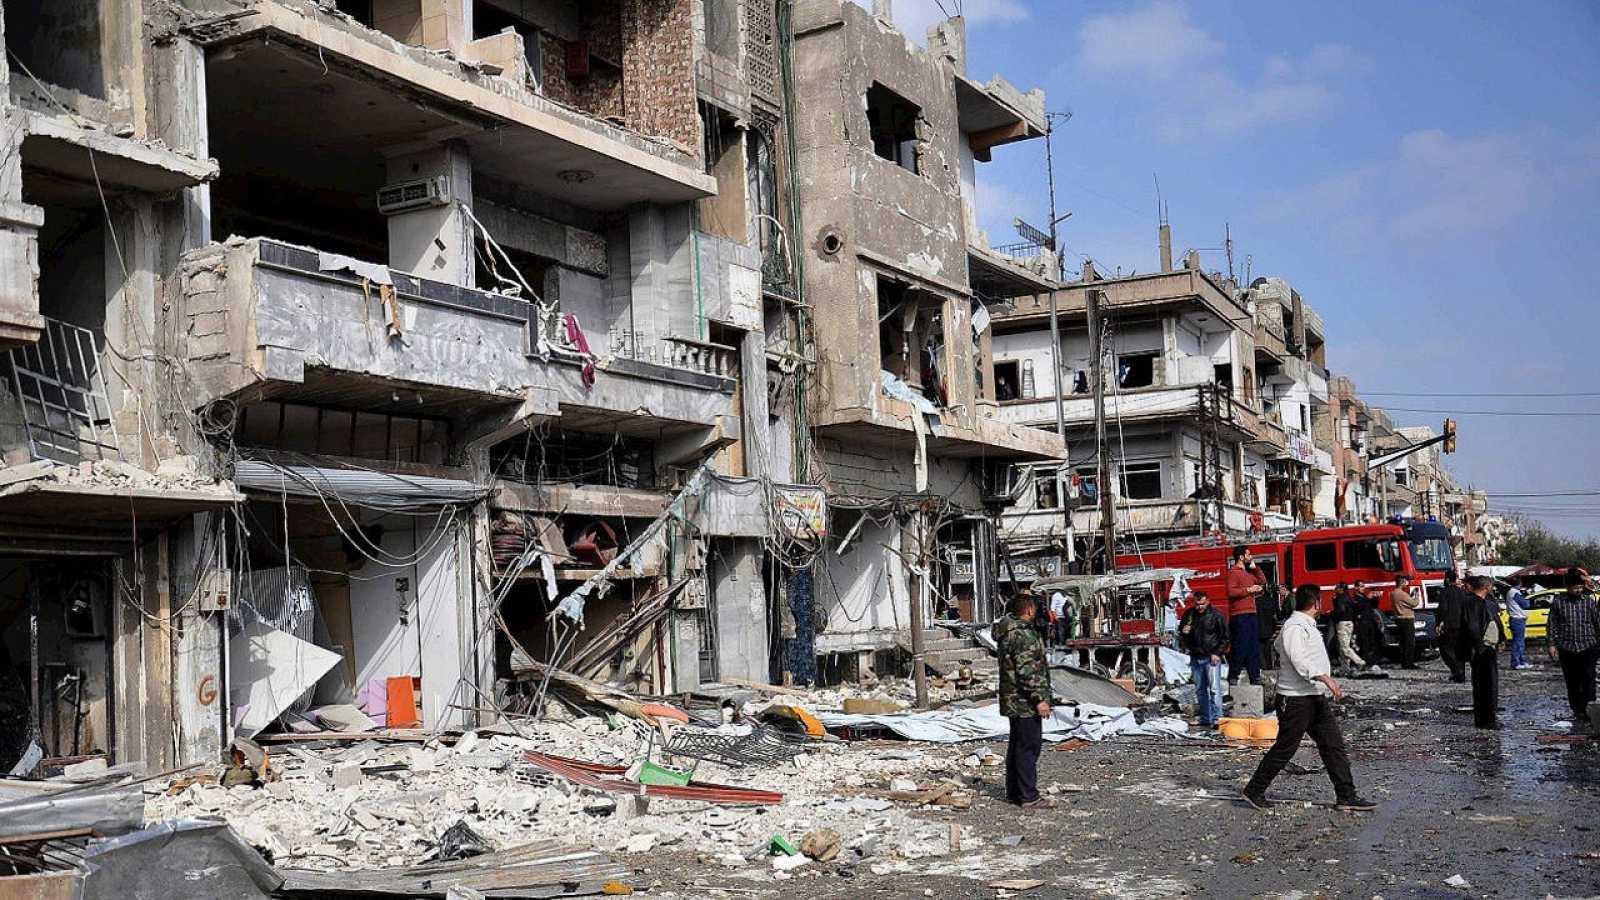 Lugar del atentado en el barrio chií de Al Zahra, en Homs, Siria. el 21 de febrero de 2016. EFE/EPA